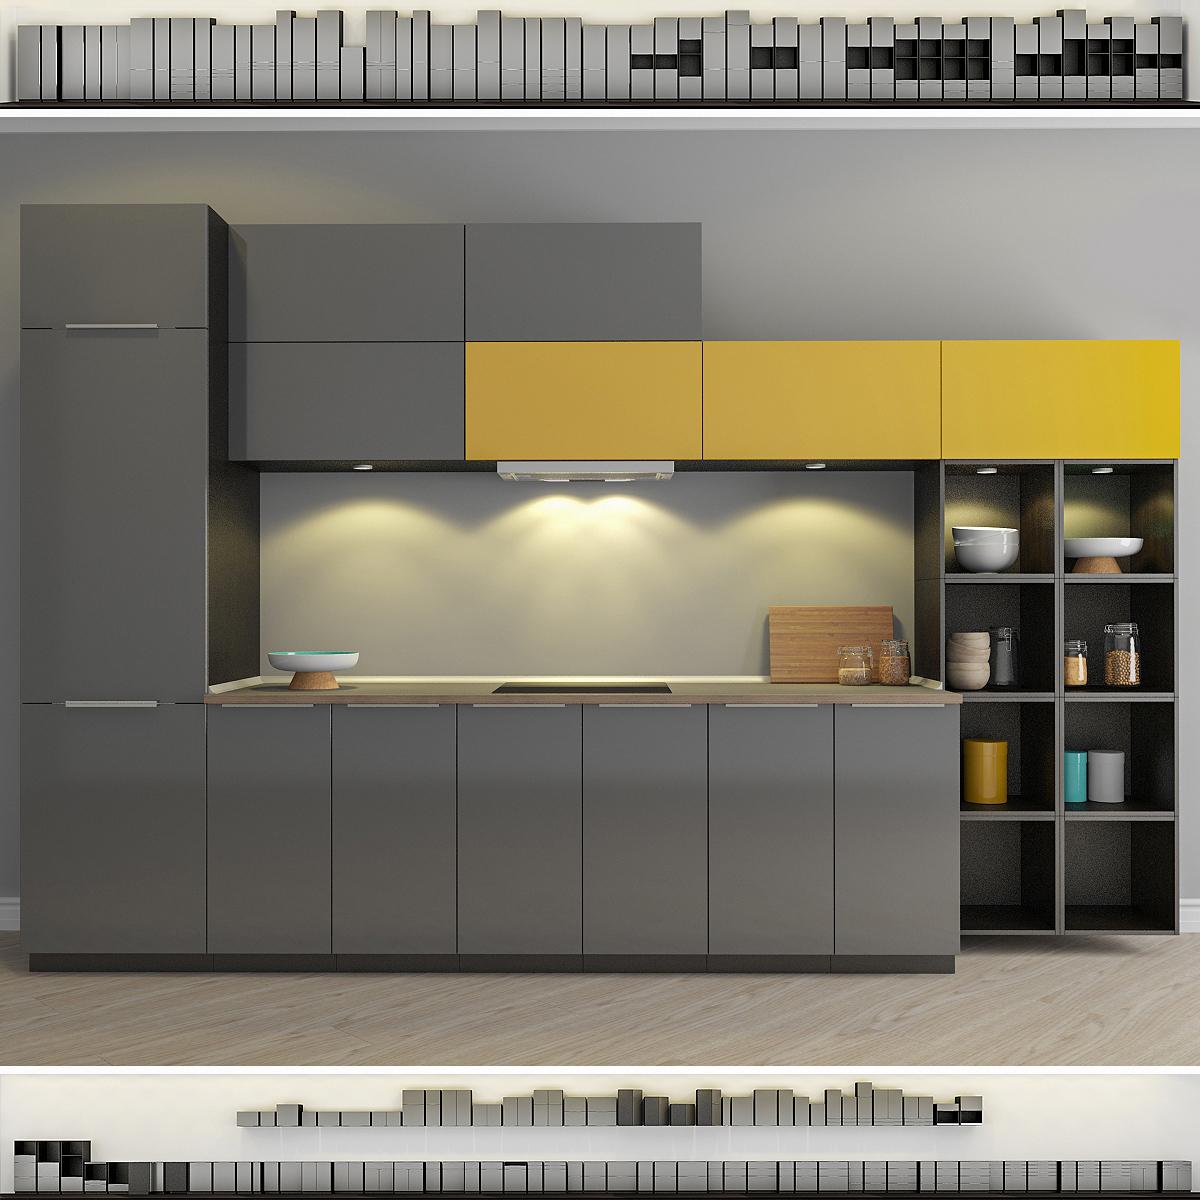 Full Size of Ringhult Ikea Modelo 3d Cocina Turbosquid 1046183 Küche Kosten Betten Bei 160x200 Sofa Mit Schlaffunktion Miniküche Kaufen Modulküche Wohnzimmer Ringhult Ikea